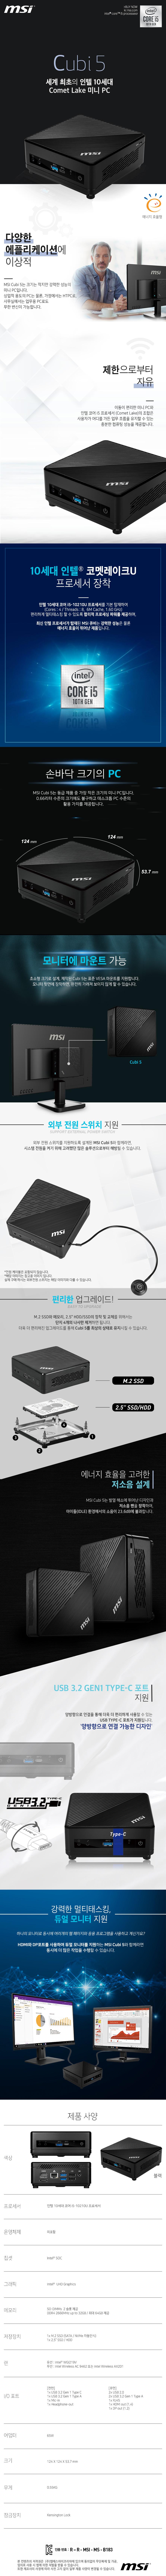 MSI Cubi 5 i5-10210U SSD (8GB, SSD 128GB)